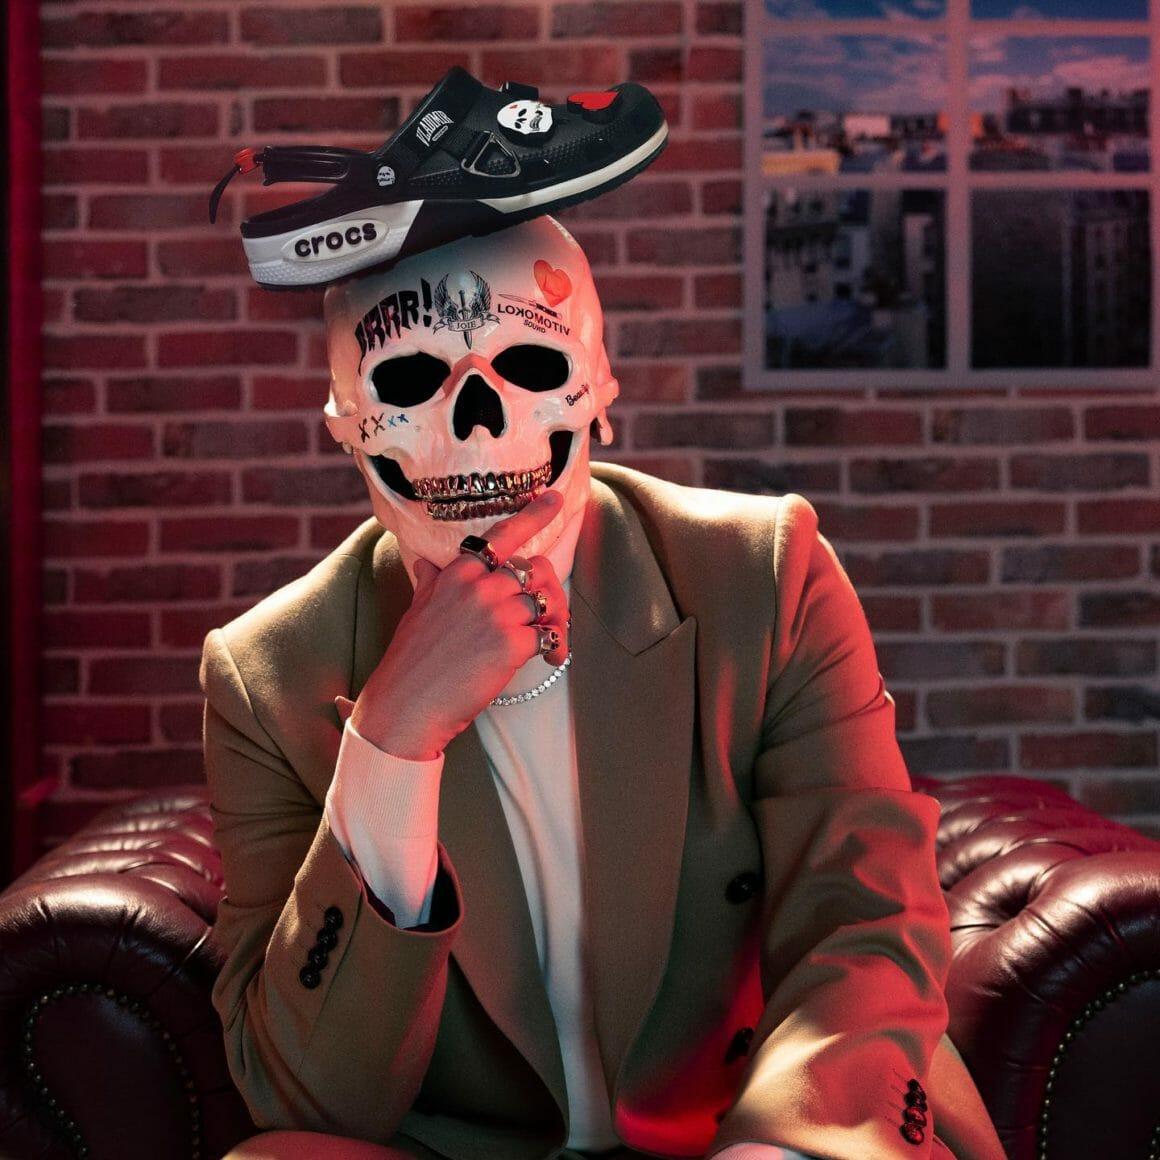 L'artiste Vladimir Cauchemar a posé sa paire de Crocs sur son masque de squelette